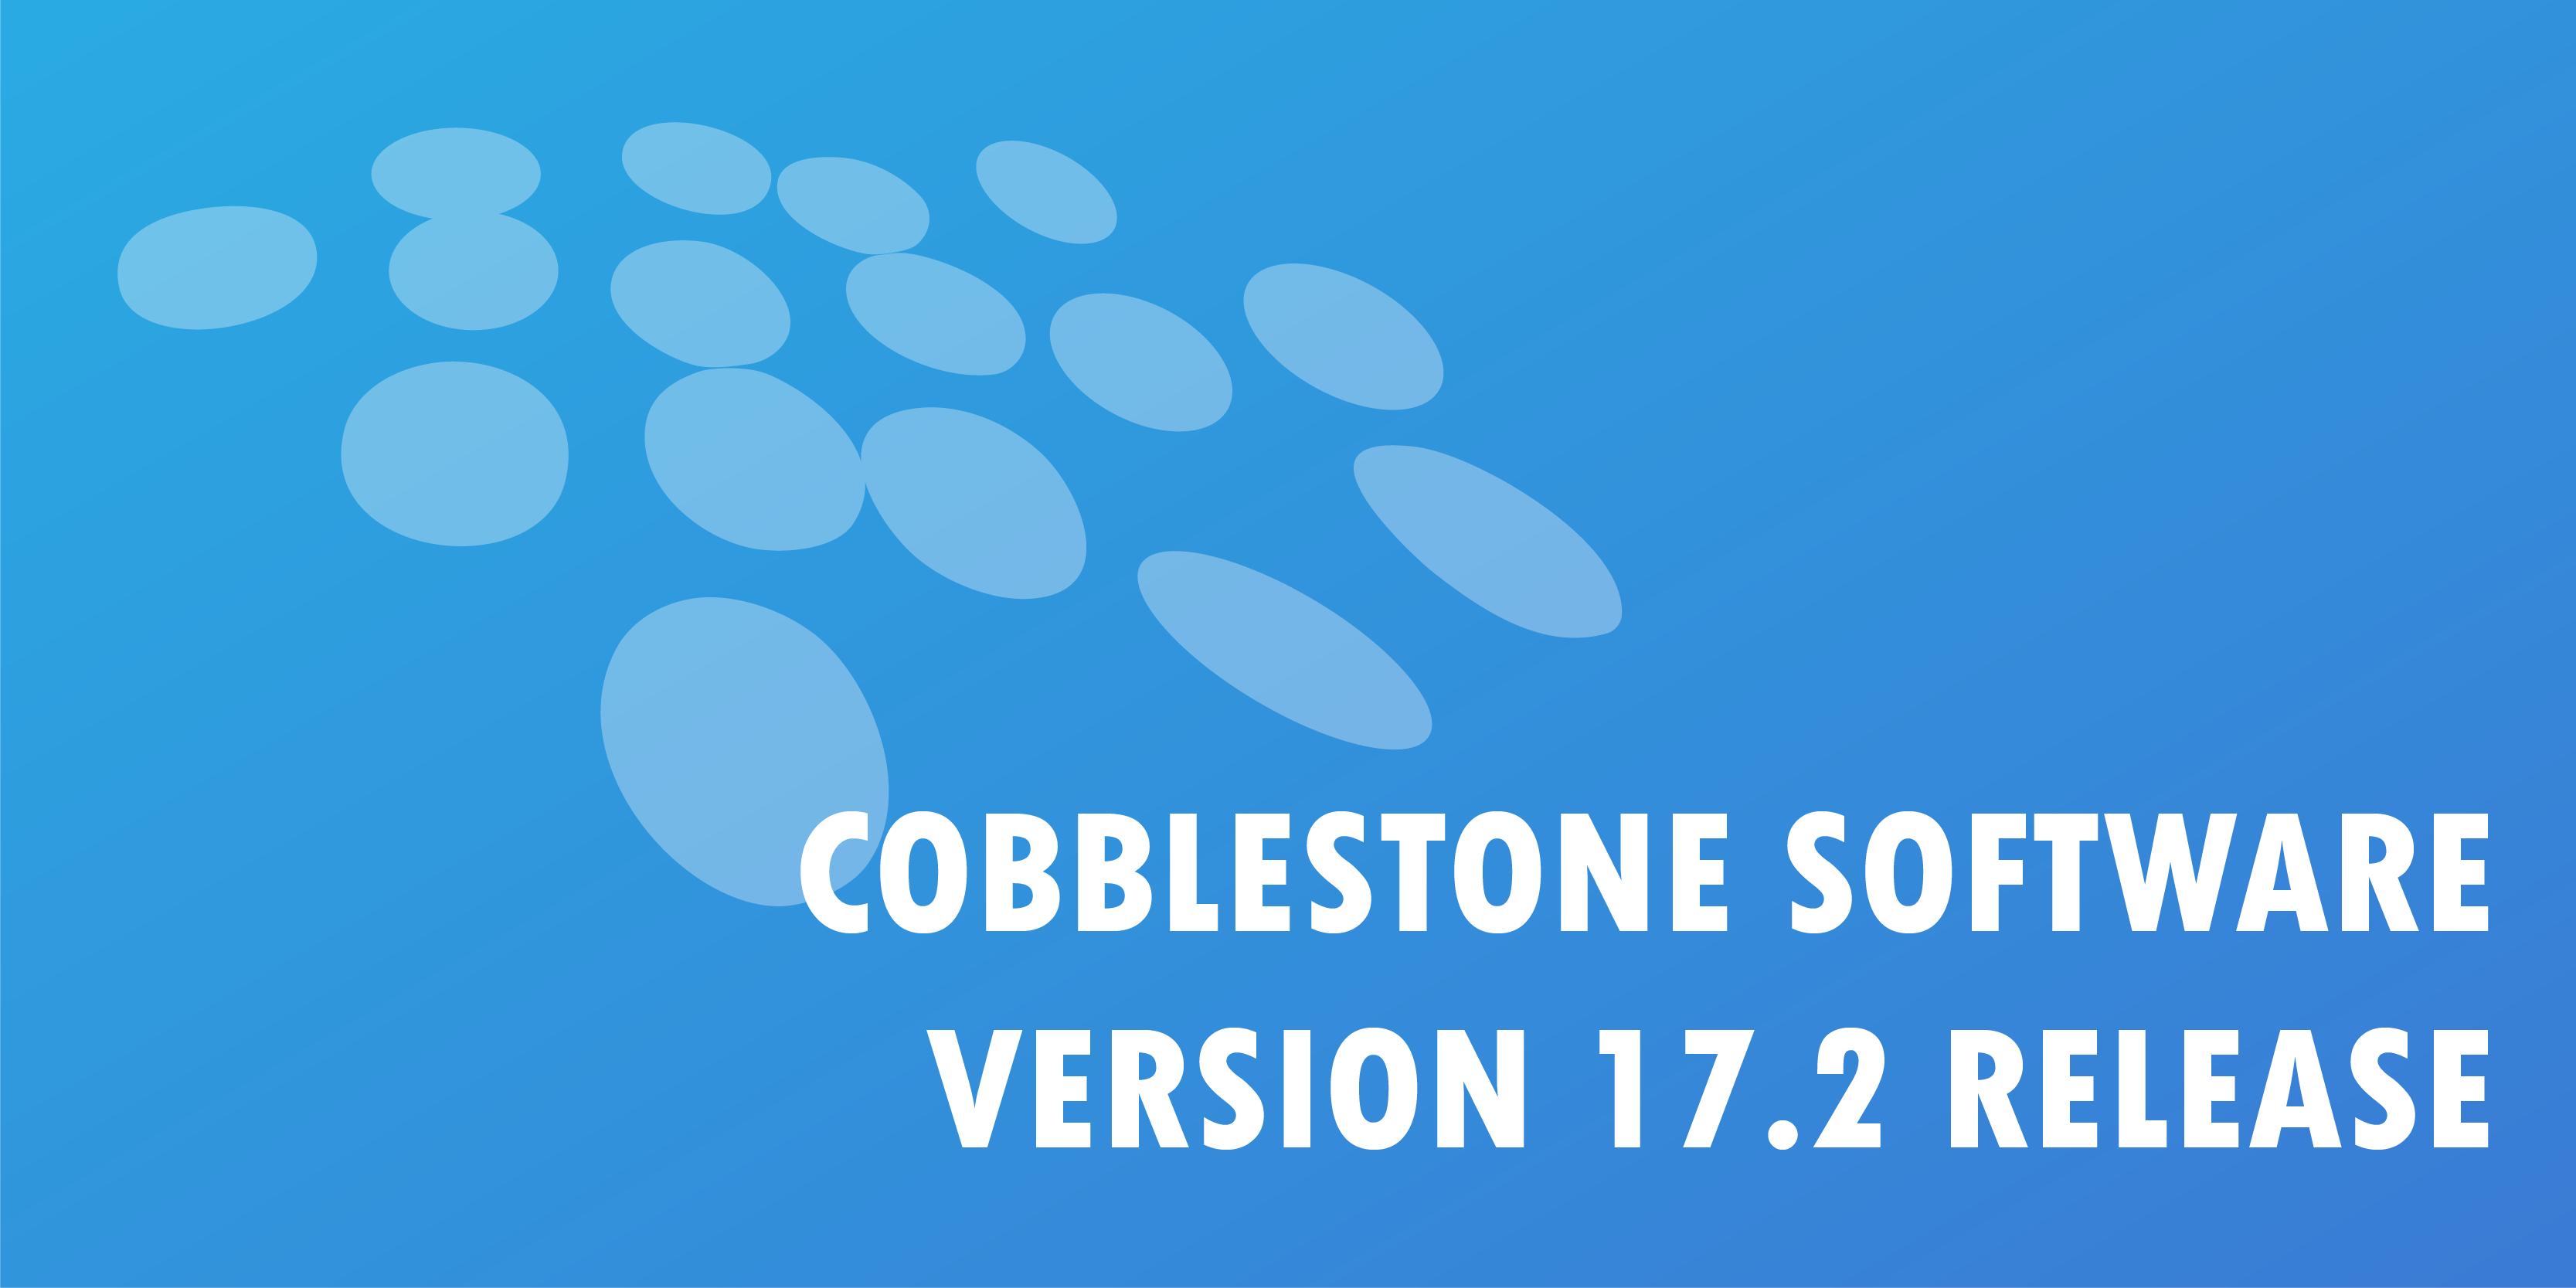 CobbleStone Software Version 17.2 Release